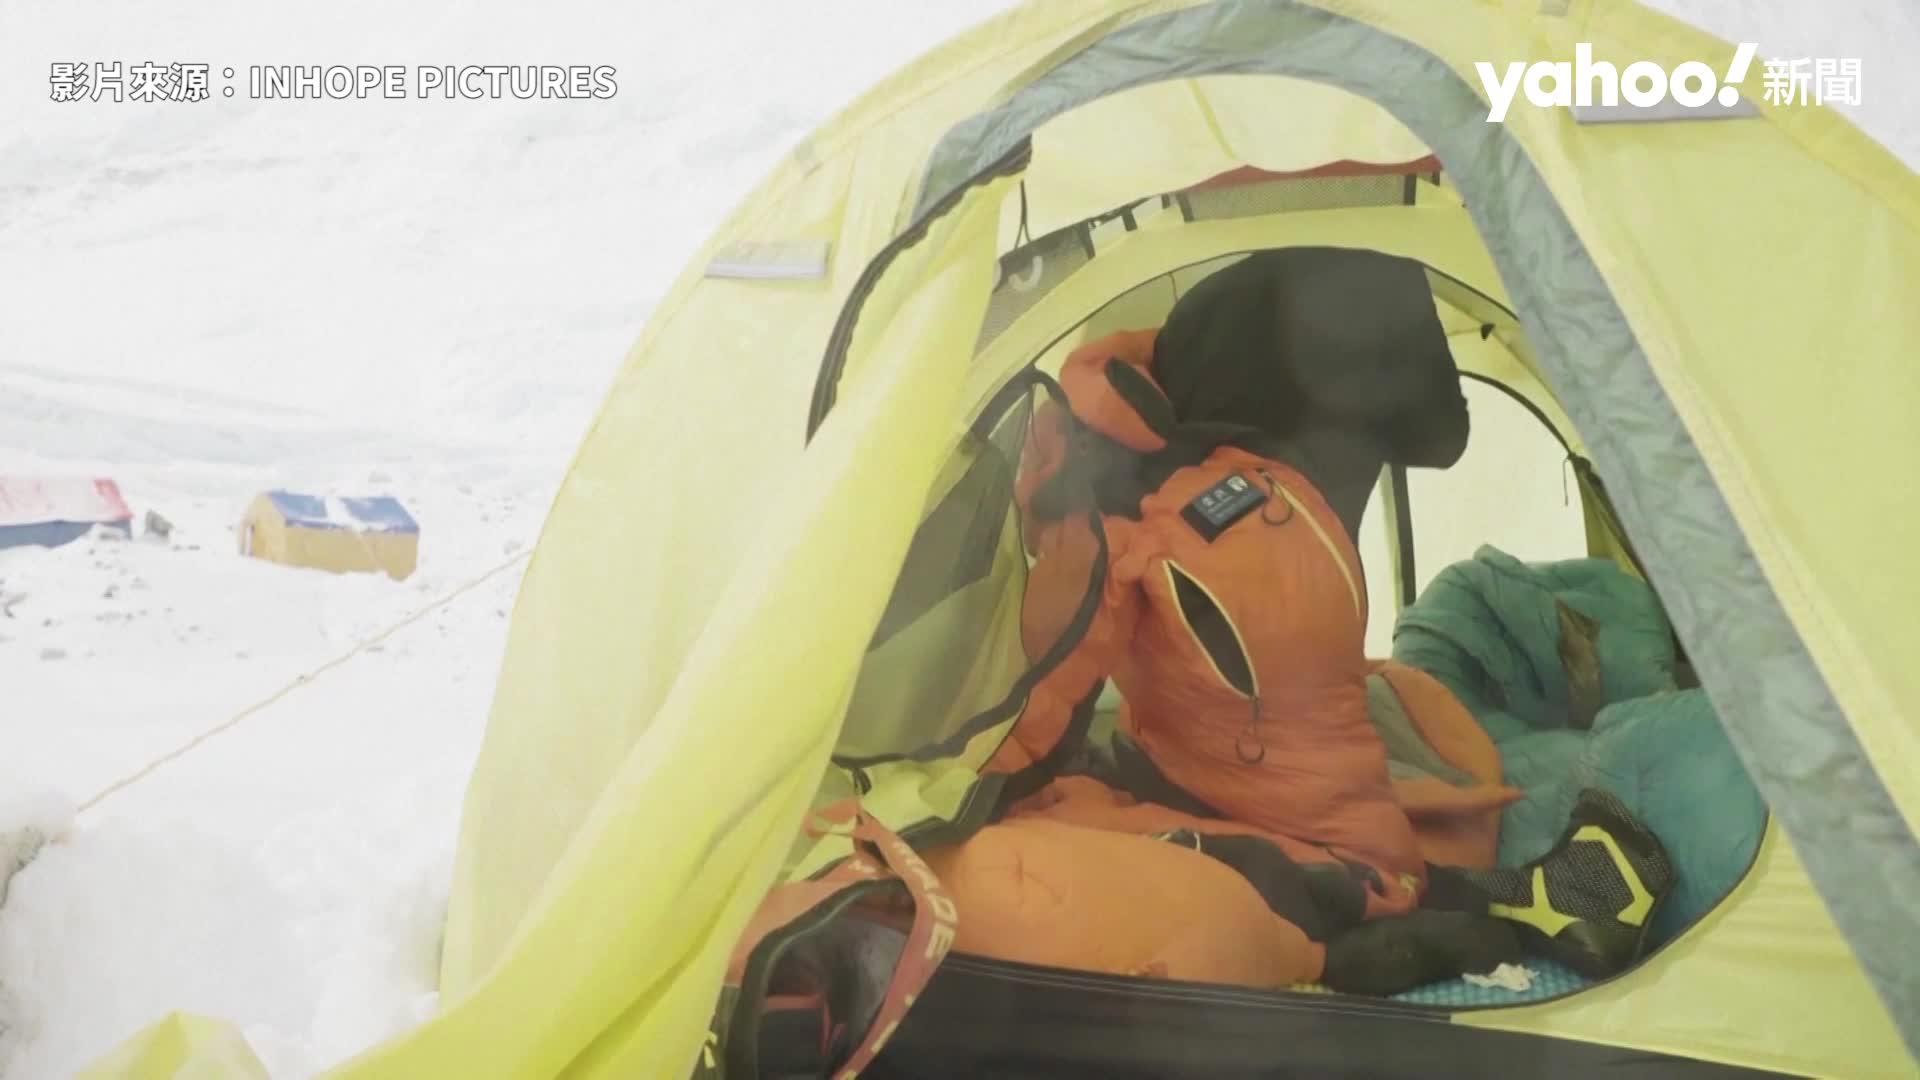 世界第二人亞洲第一人 中國大陸視障者張洪成功登頂聖母峰